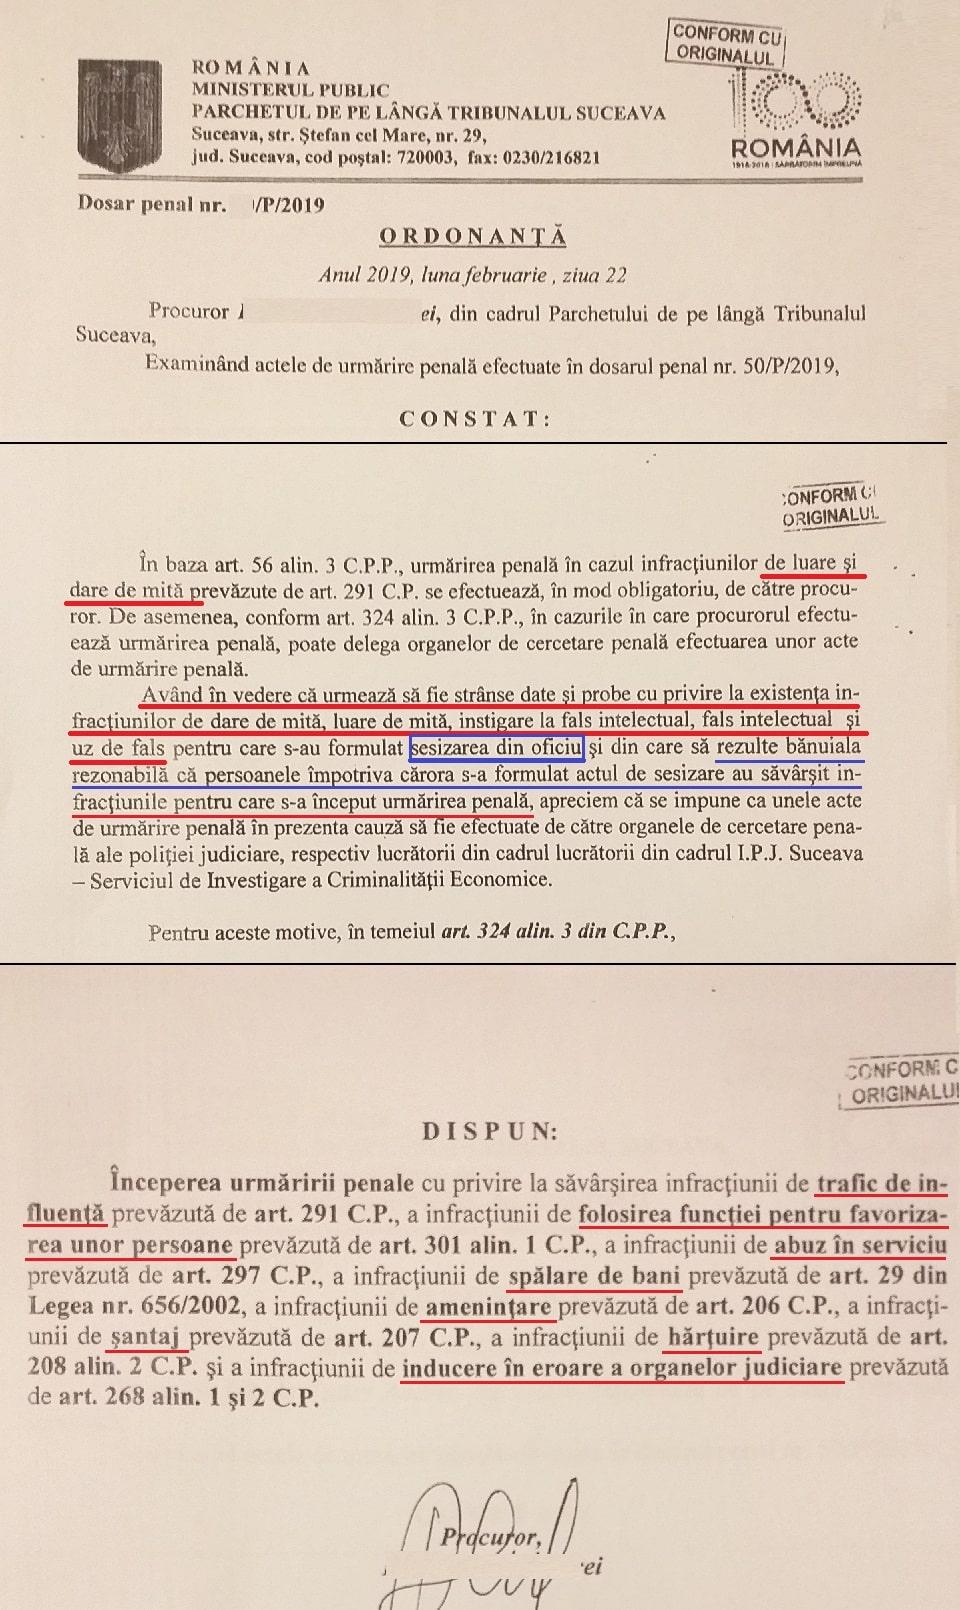 Sesizări din oficiu. Drăgușanul cercetat din 2019. Nimeni nu a știut nimic, impostorul și-a ascuns statutul juridic